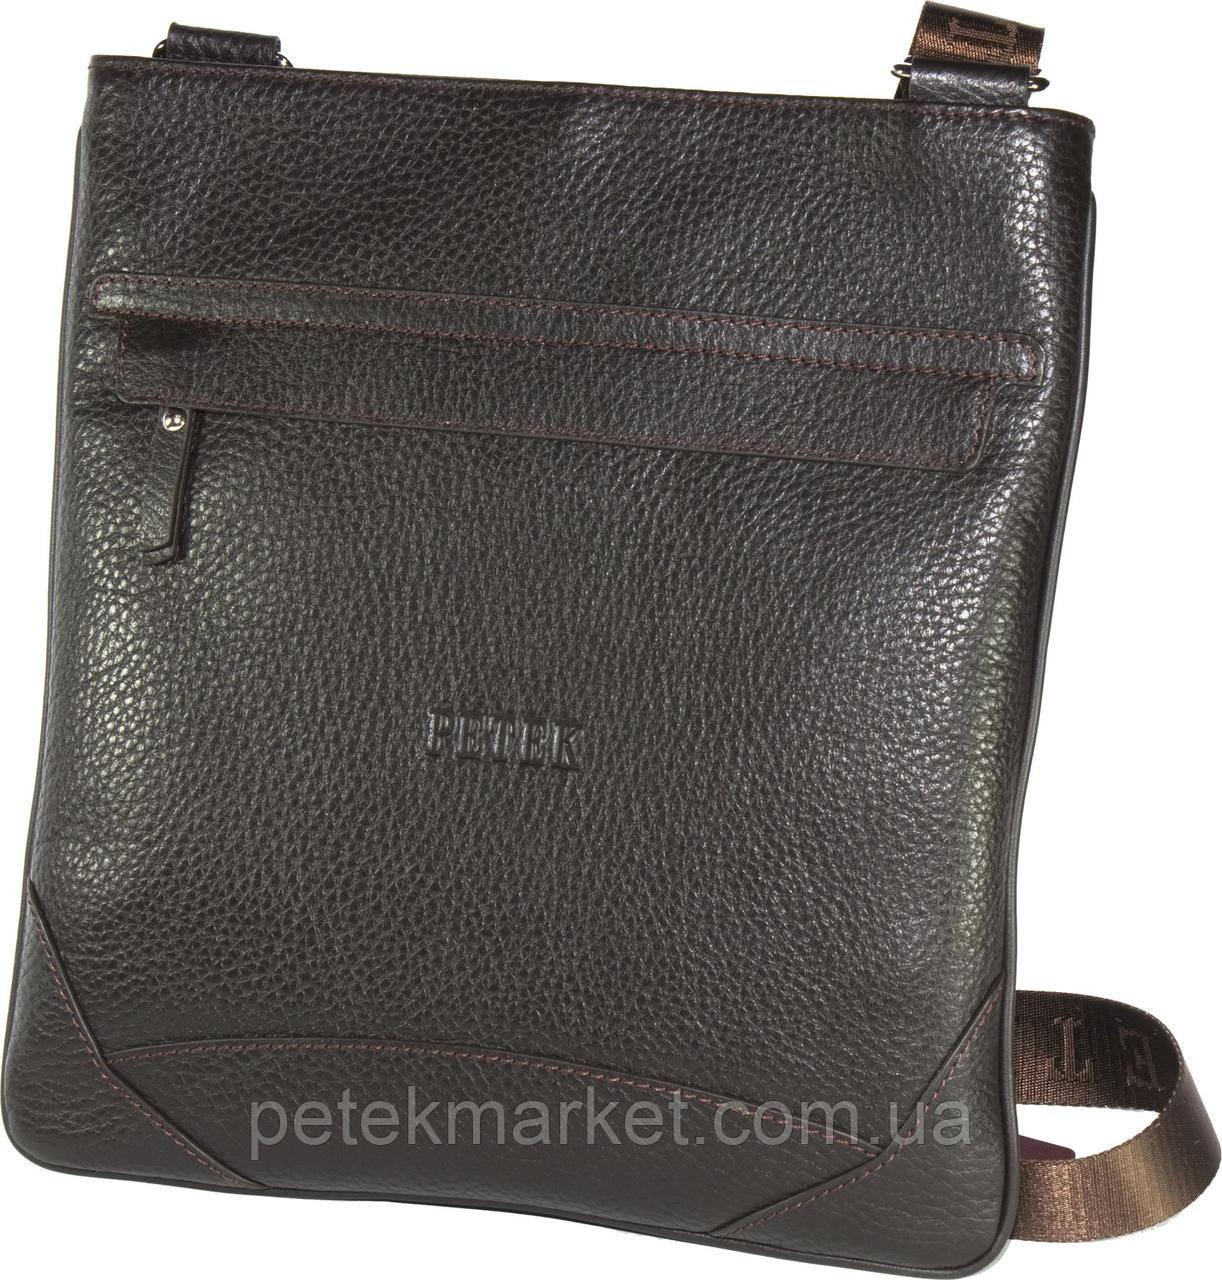 Кожаная мужская сумка Petek 3876